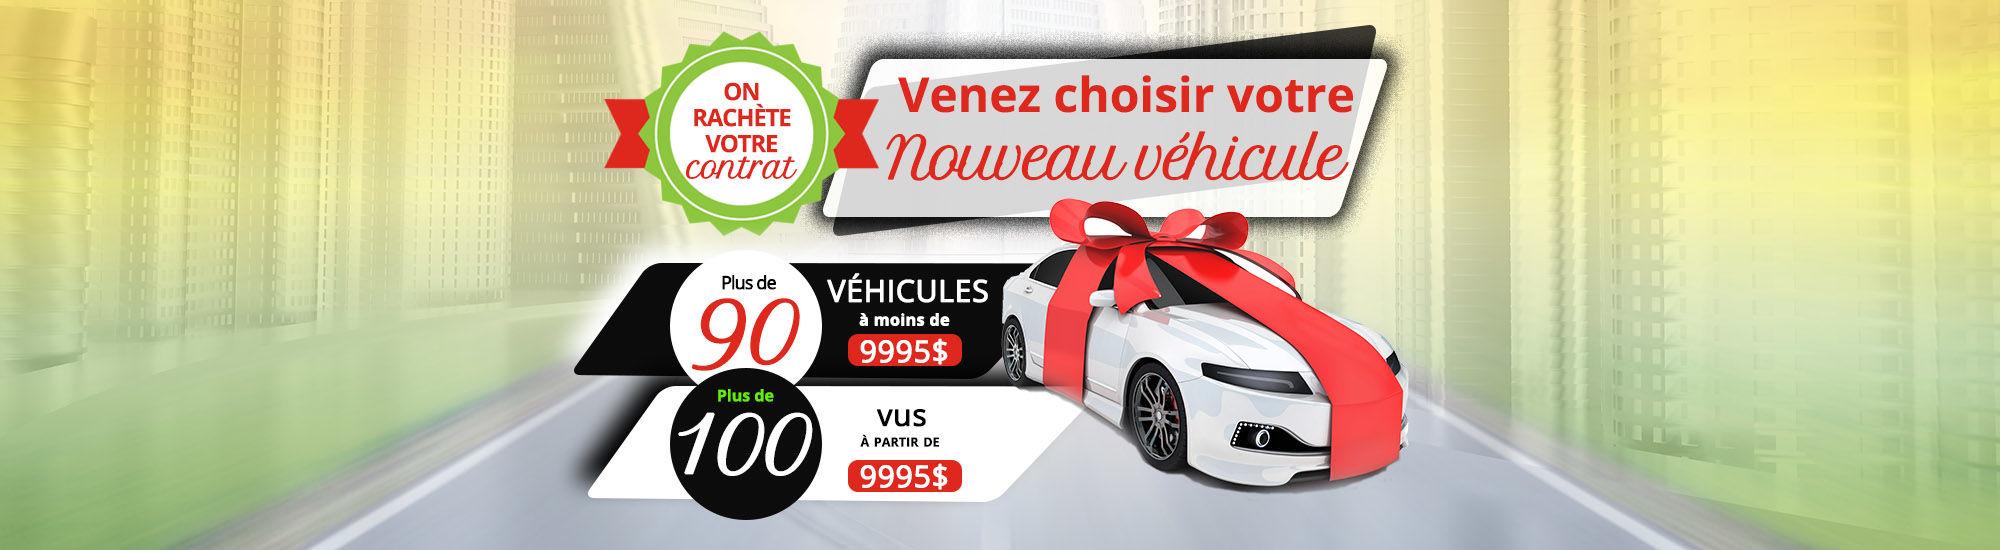 Venez choisir votre nouveau véhicule